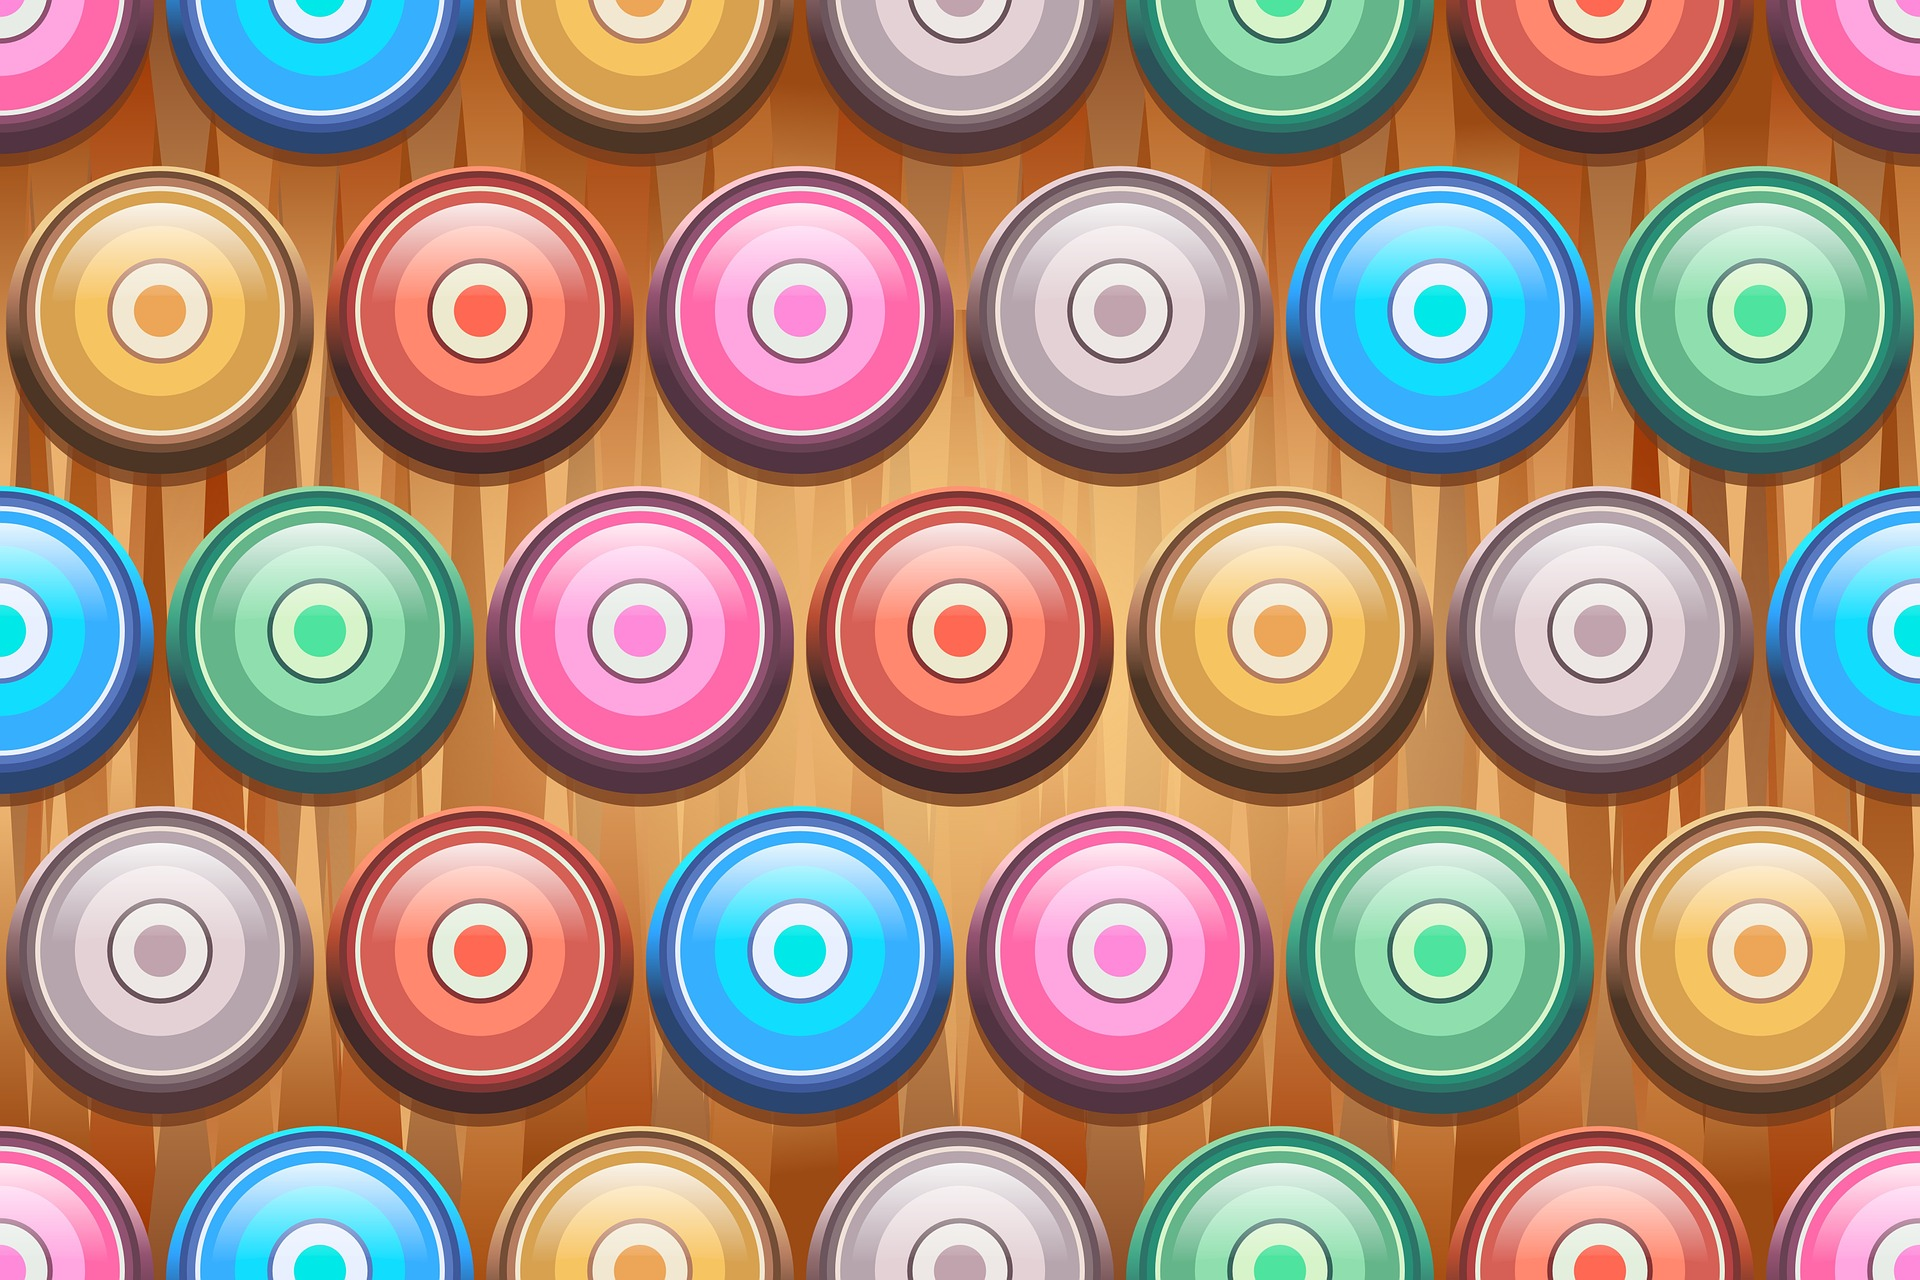 discos, círculos, cores, concêntricos, simetria - Papéis de parede HD - Professor-falken.com